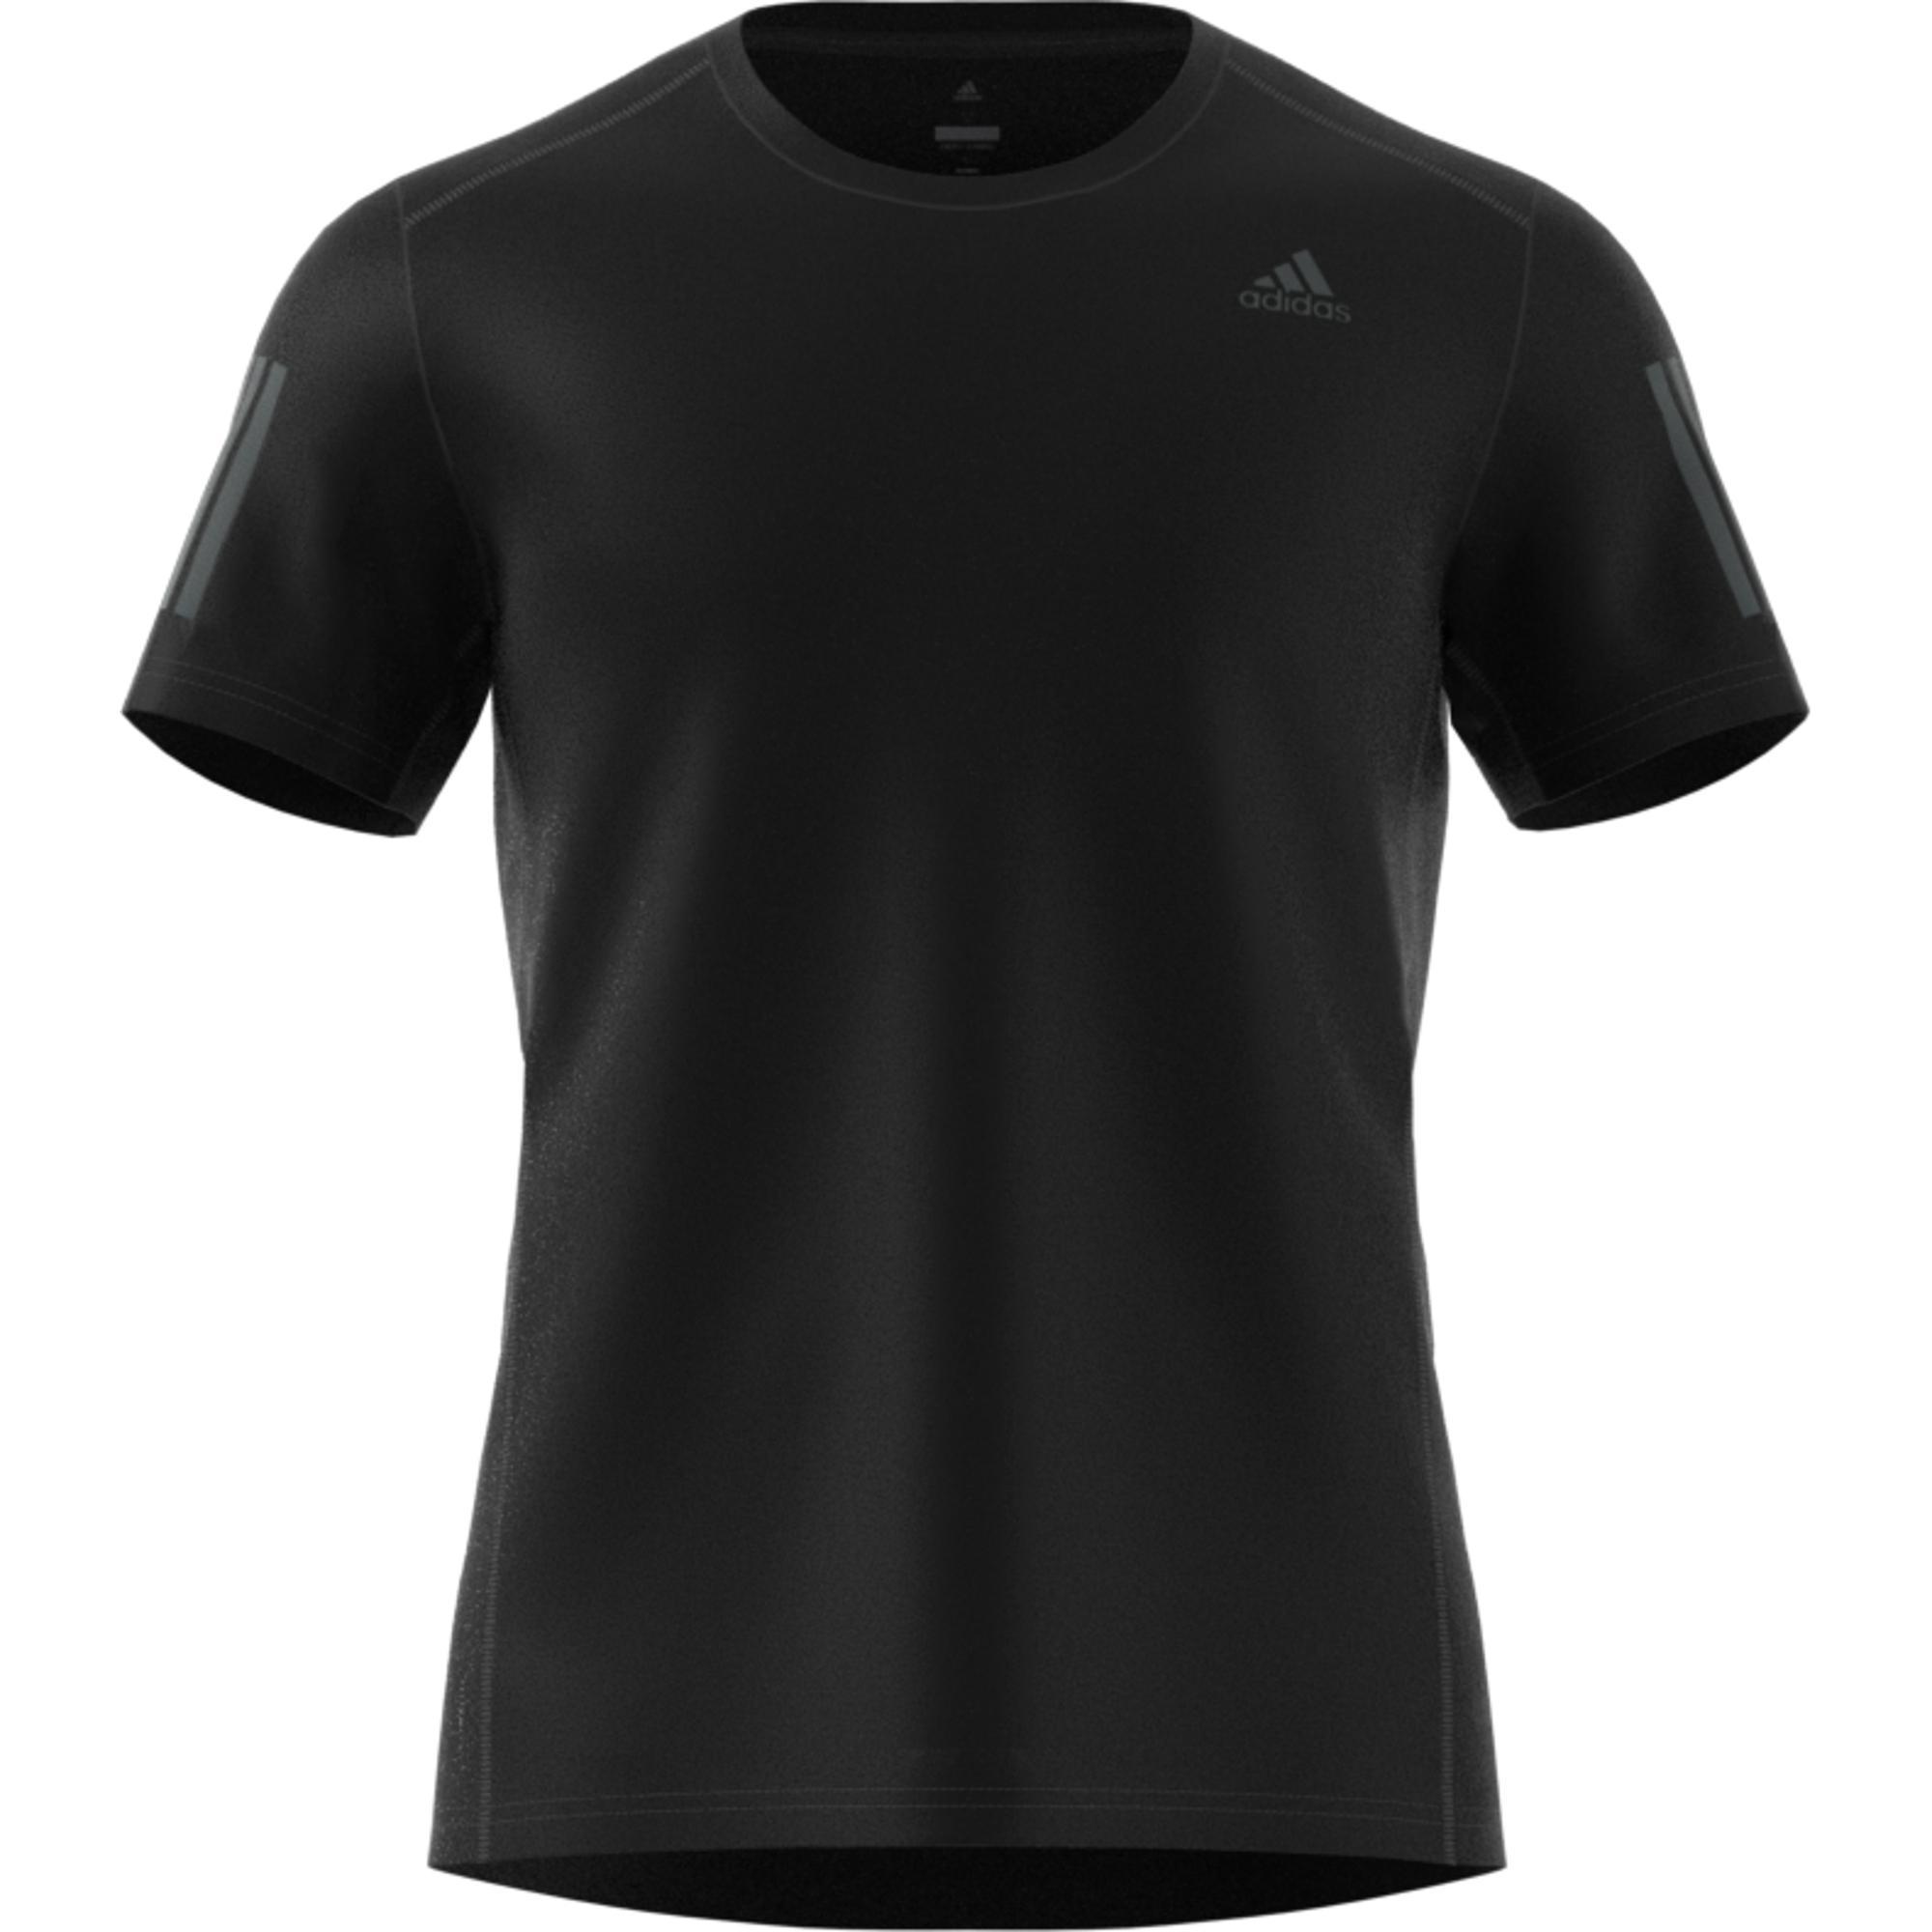 694b09ce Buy Latest Adidas Products | Fashion | Lazada.sg